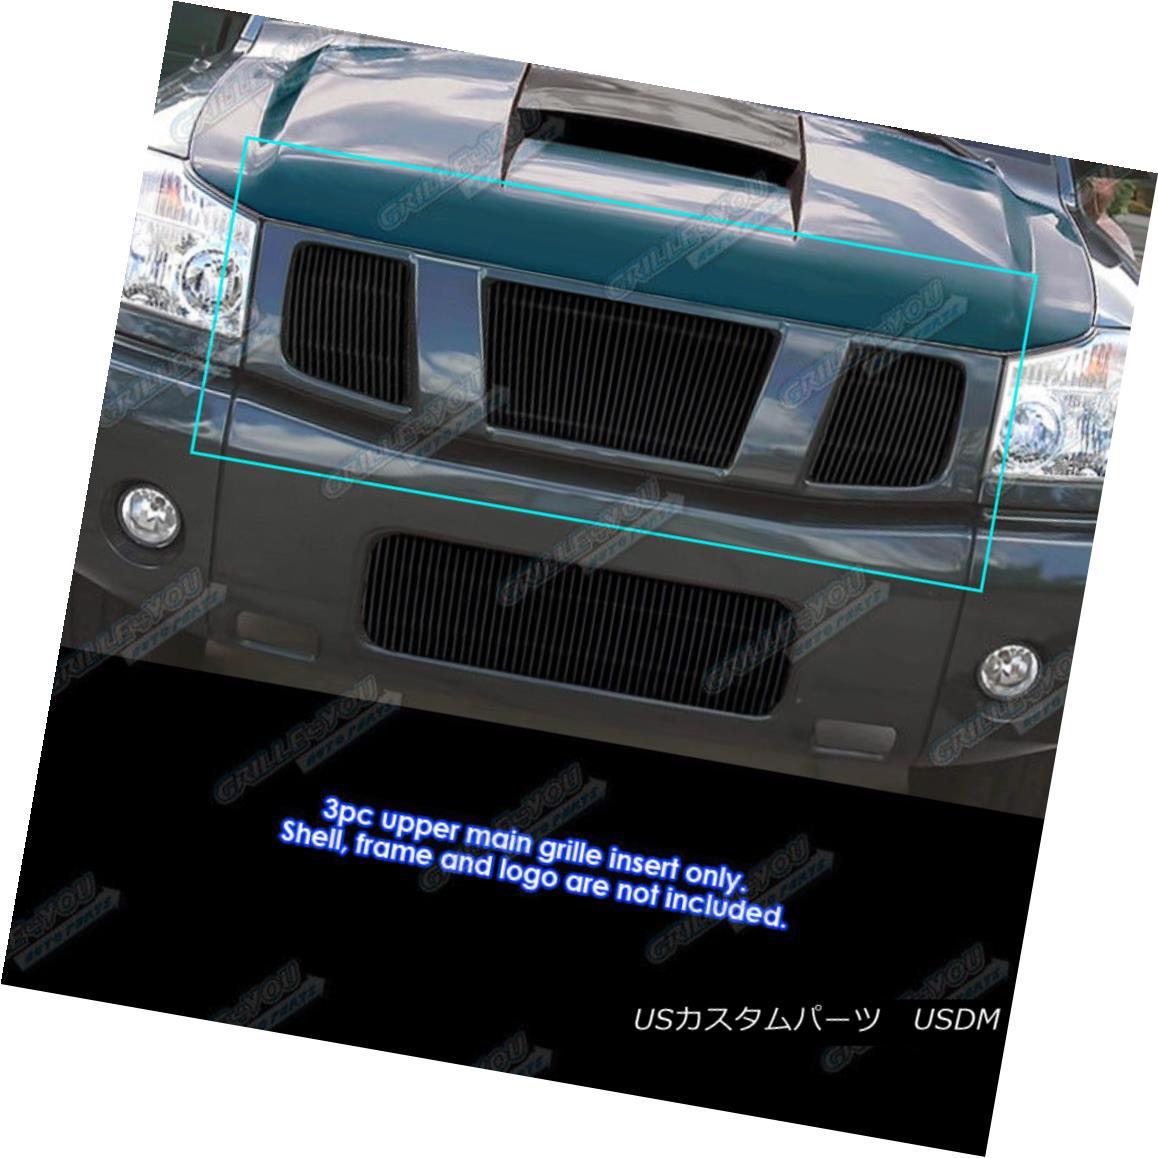 グリル Fits 2004-2007 Nissan Titan/Armada Black Billet Vertical Grille 2004-2007 Nissan Titan / Armada Black Billet Vertical Grilleに適合